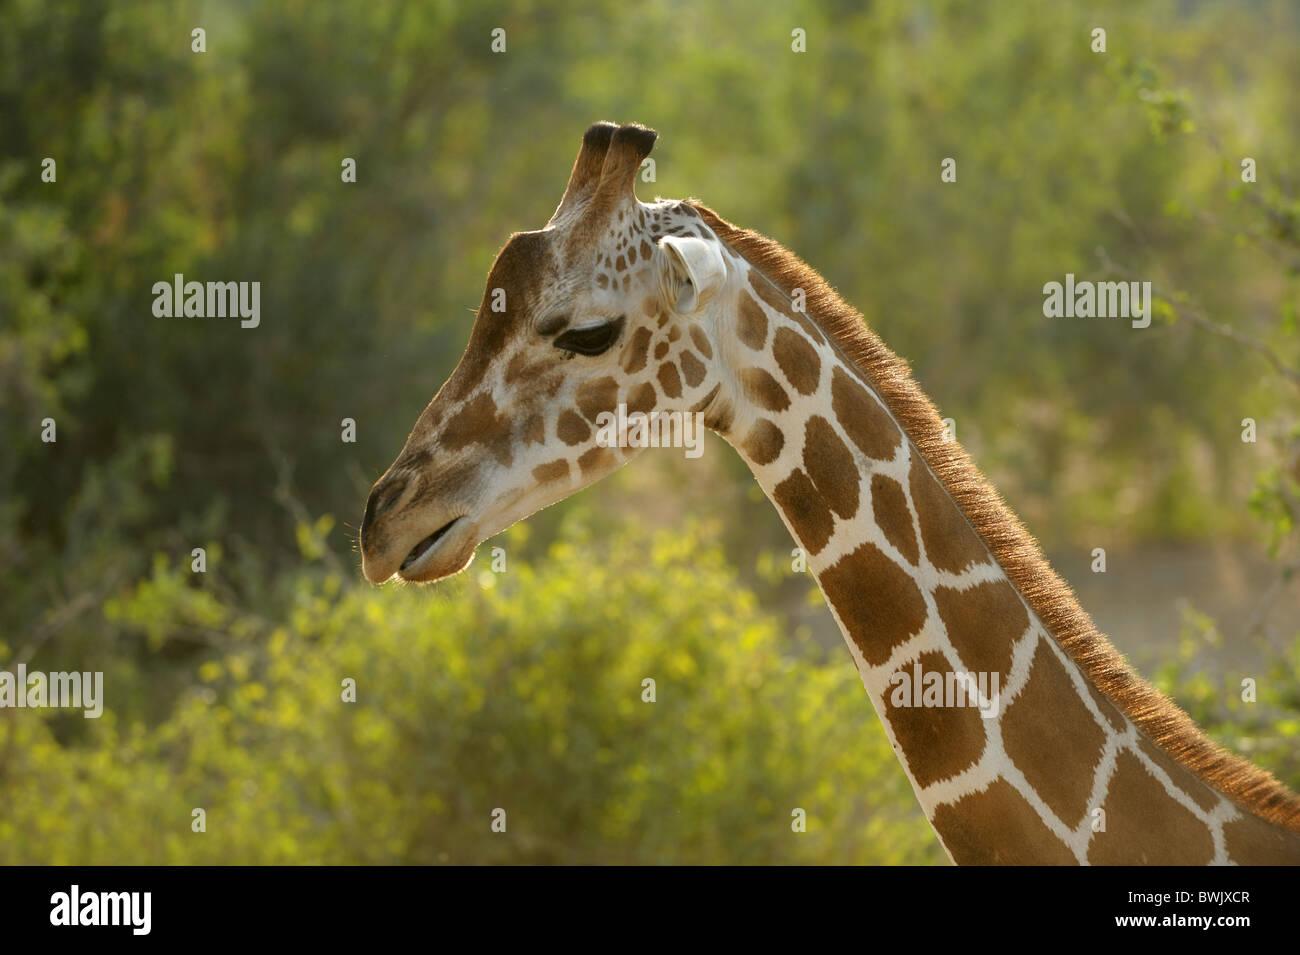 Head of an adult giraffe (Giraffa camelopardalis) against Acacia thorn on Sir Bani Yas Island, UAE - Stock Image